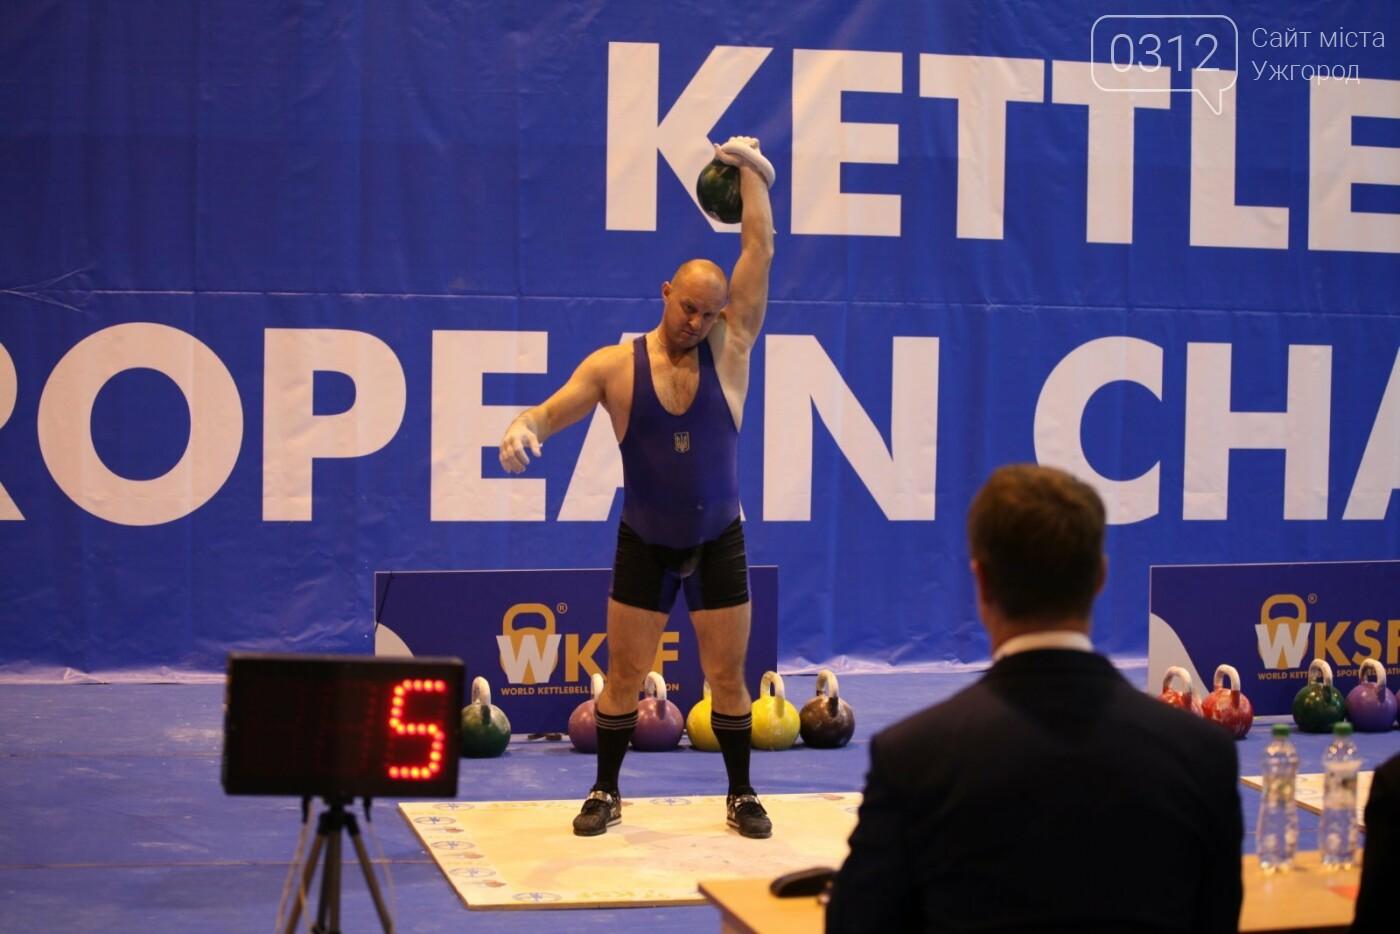 Троє закарпатців вибороли золото на Чемпіонаті Європи з гирьового спорту (ФОТО), фото-6